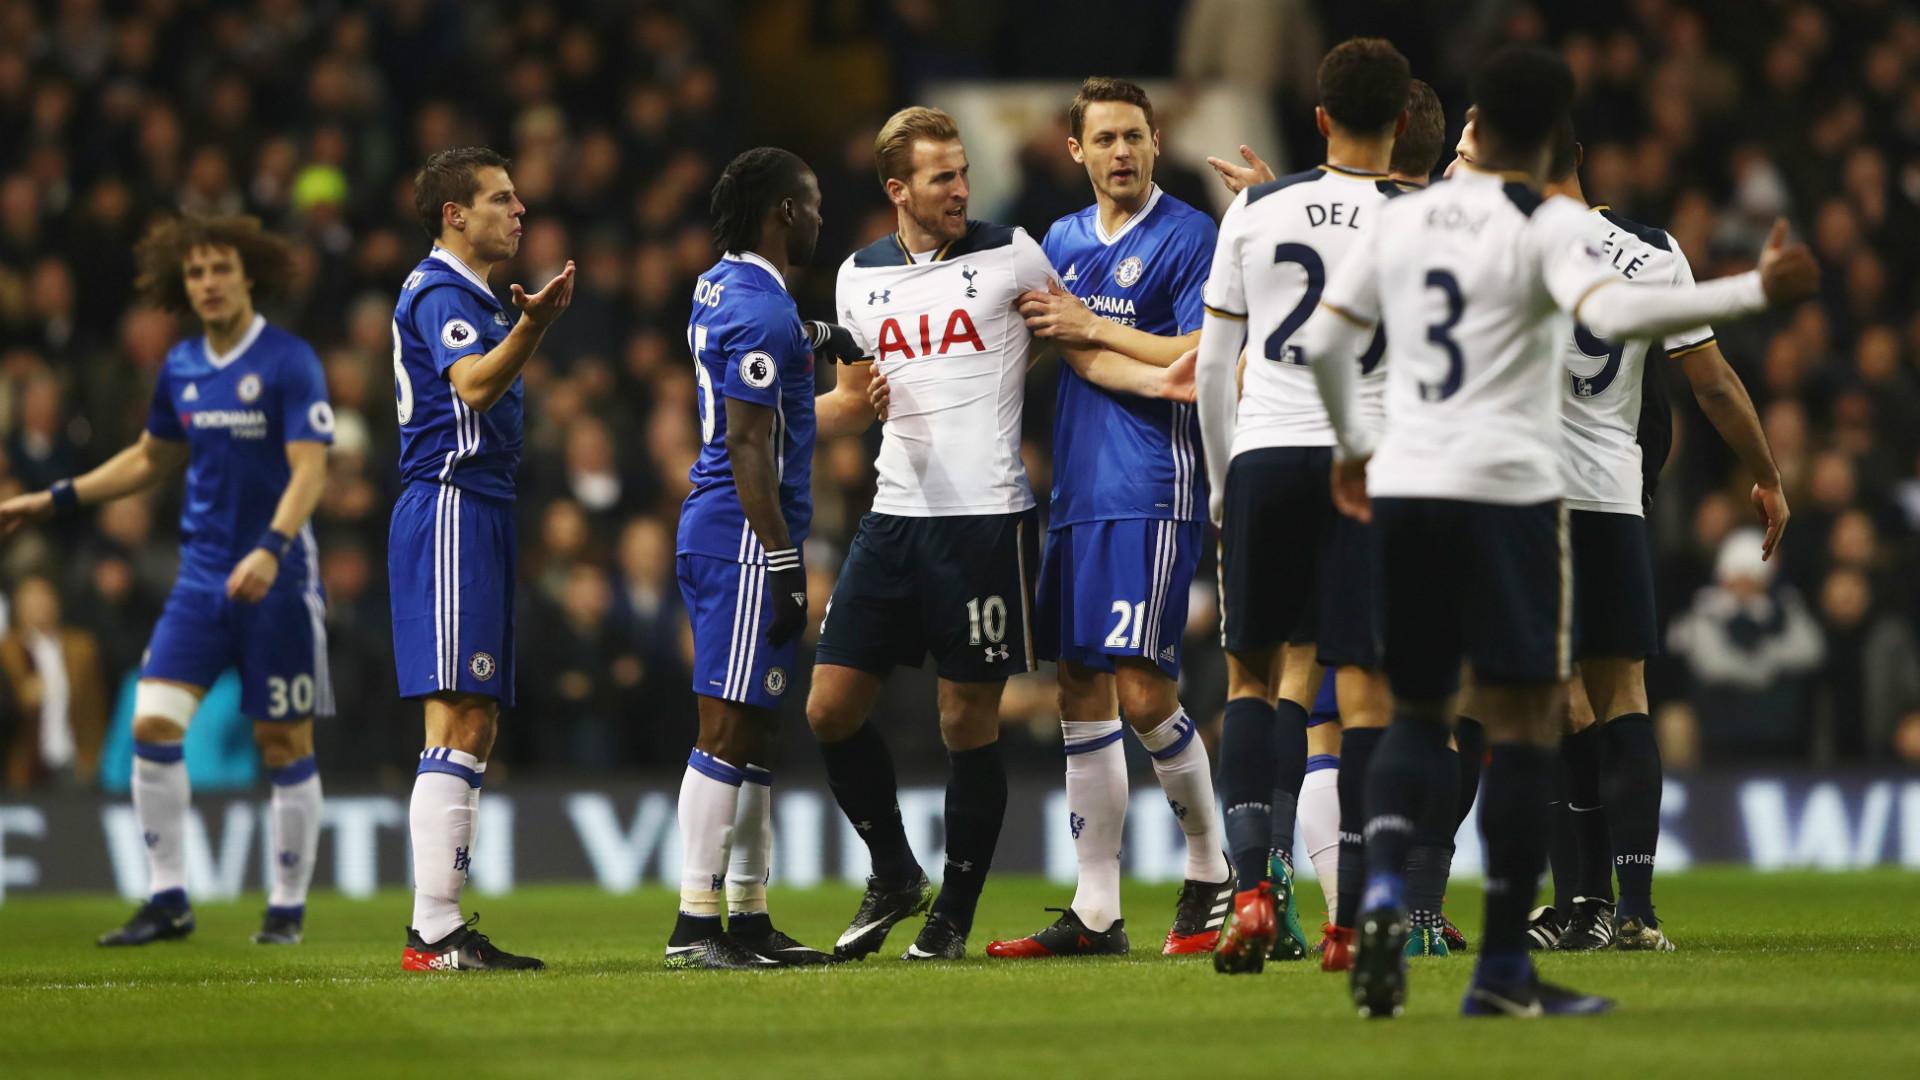 El Tottenham frena la racha del Chelsea (2-0)